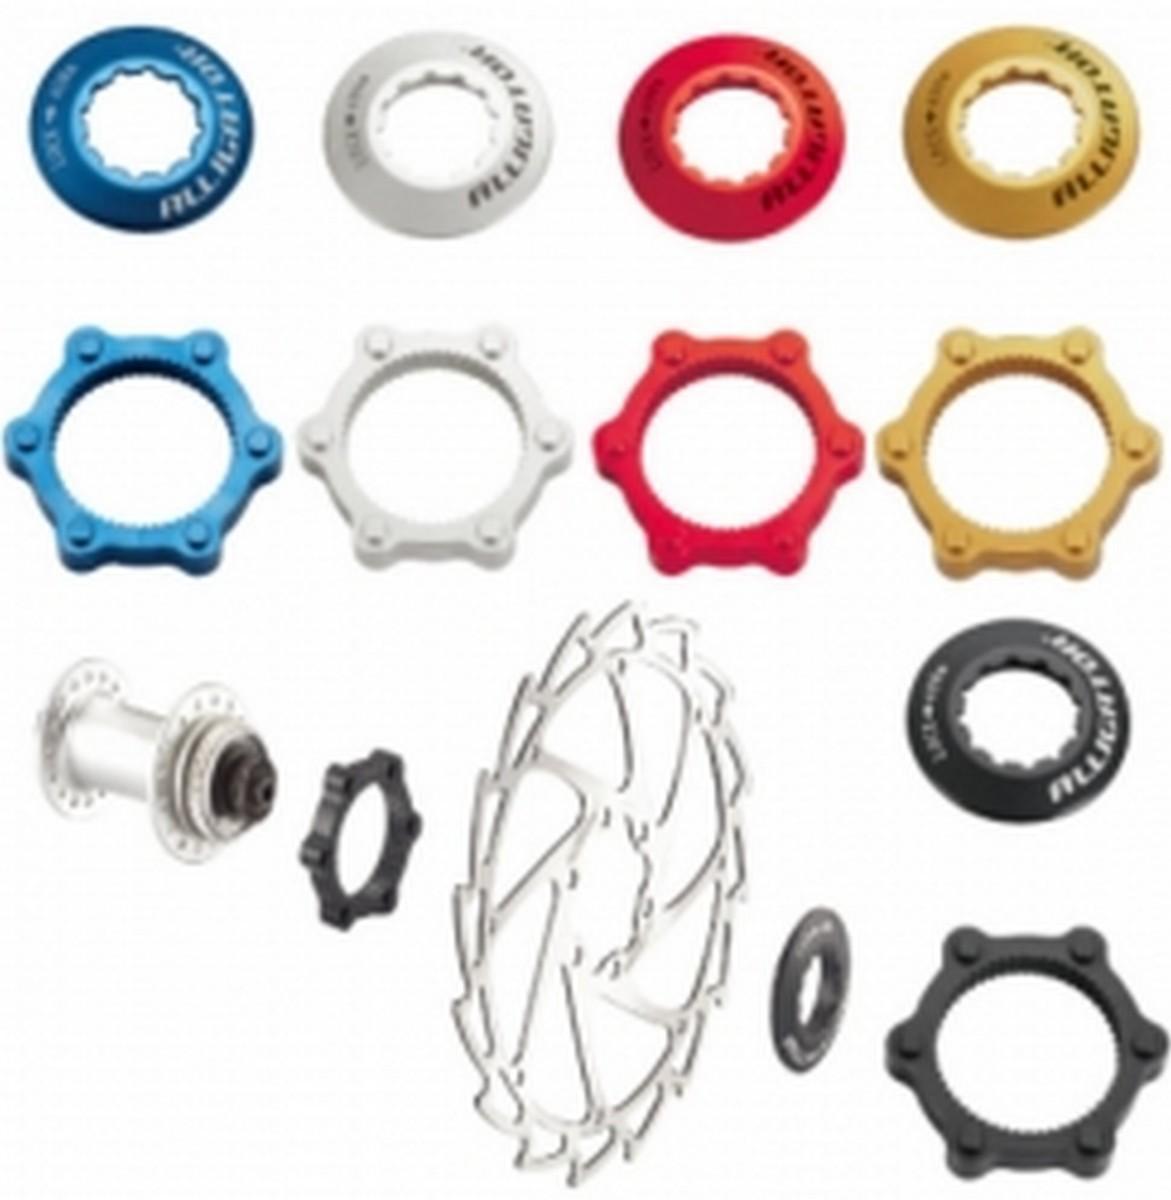 как одеть стопорное кольцо на велосипеде